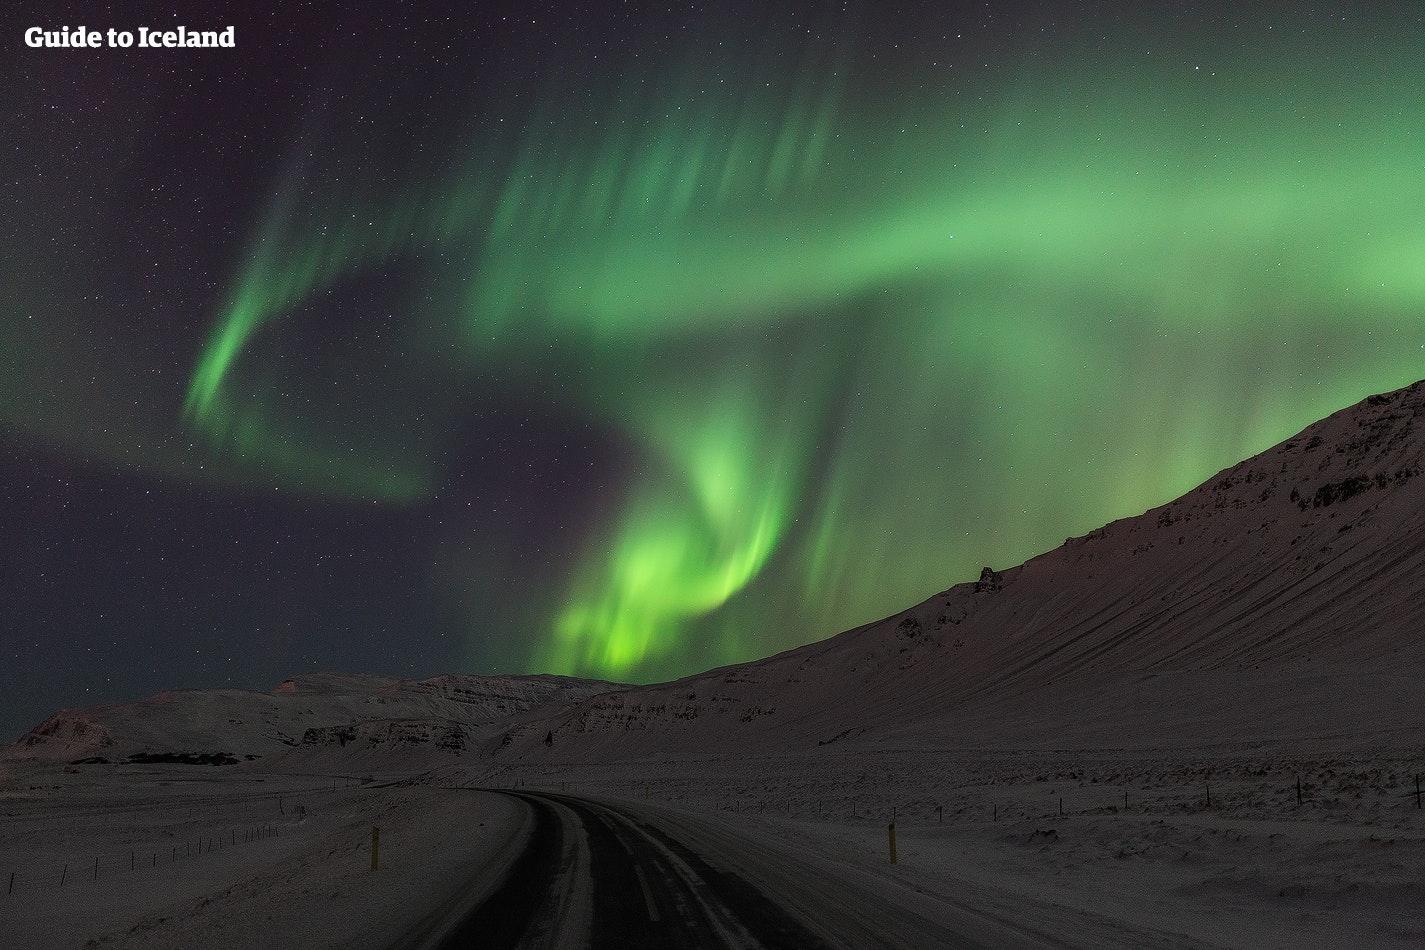 Die Aurora Borealis belohnt die, die am hartnäckigsten nach ihr suchen und eine Rundreise als Selbstfahrer bietet unzählige Möglichkeiten, sie zu jagen.